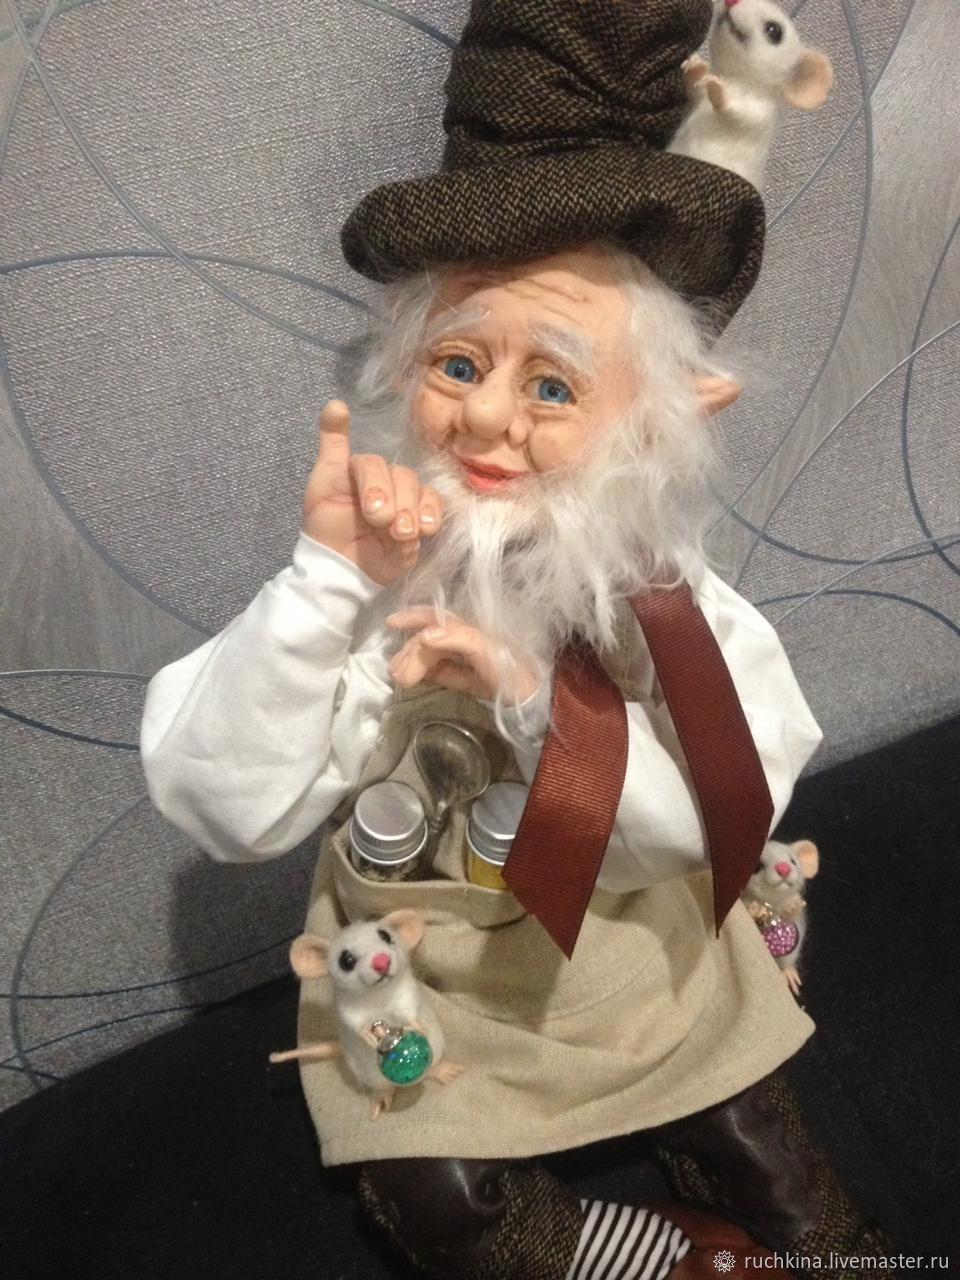 ГНОМ С МЫШКАМИ (повтор), Куклы и пупсы, Каменск-Уральский,  Фото №1